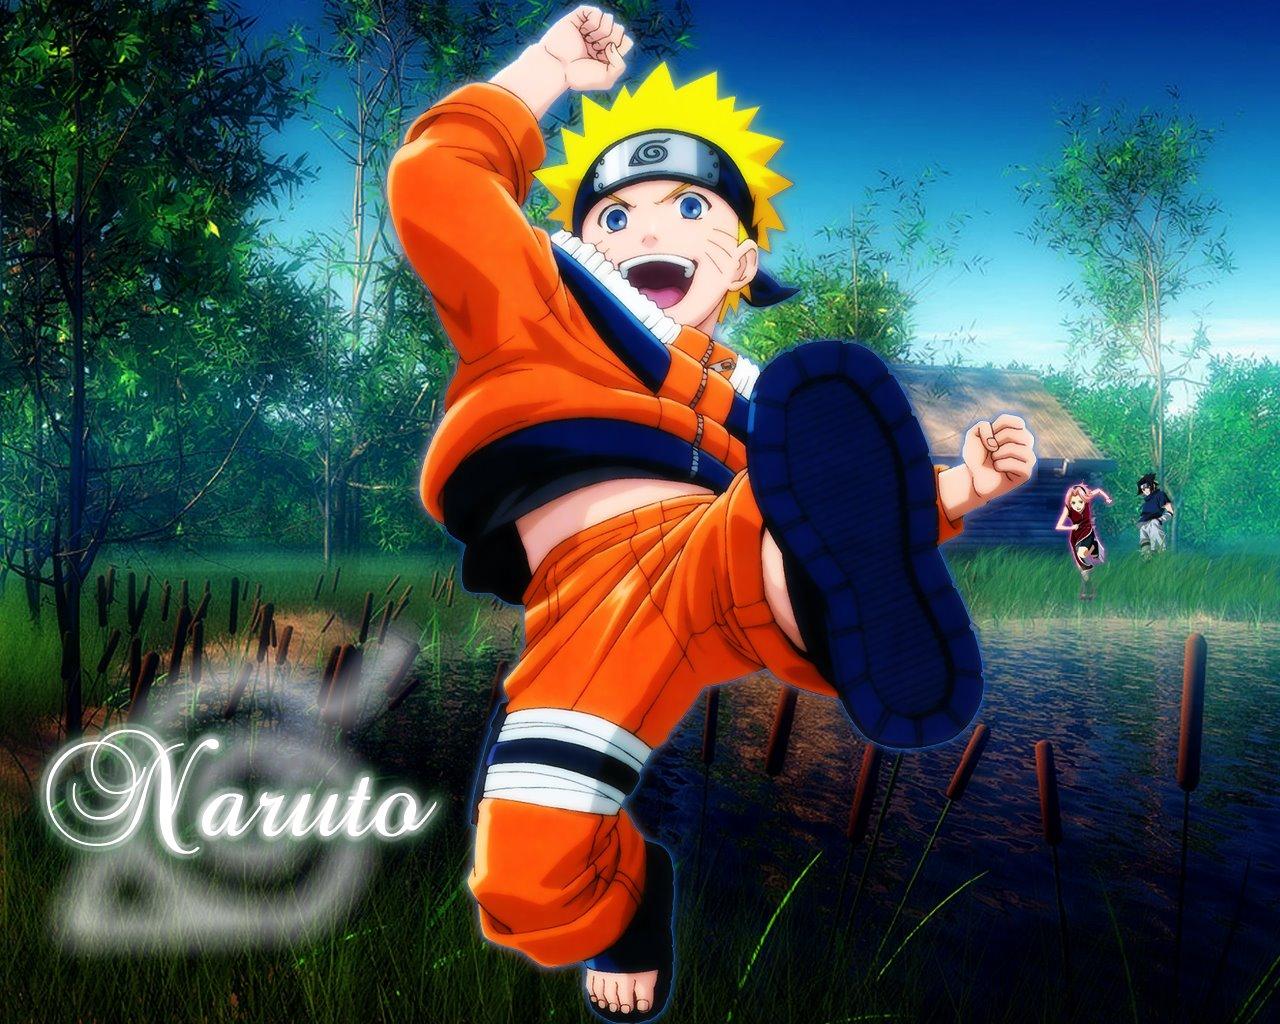 Gambar Naruto Shipudden Terbaru 2014 Animasi Korea Meme Lucu Emo